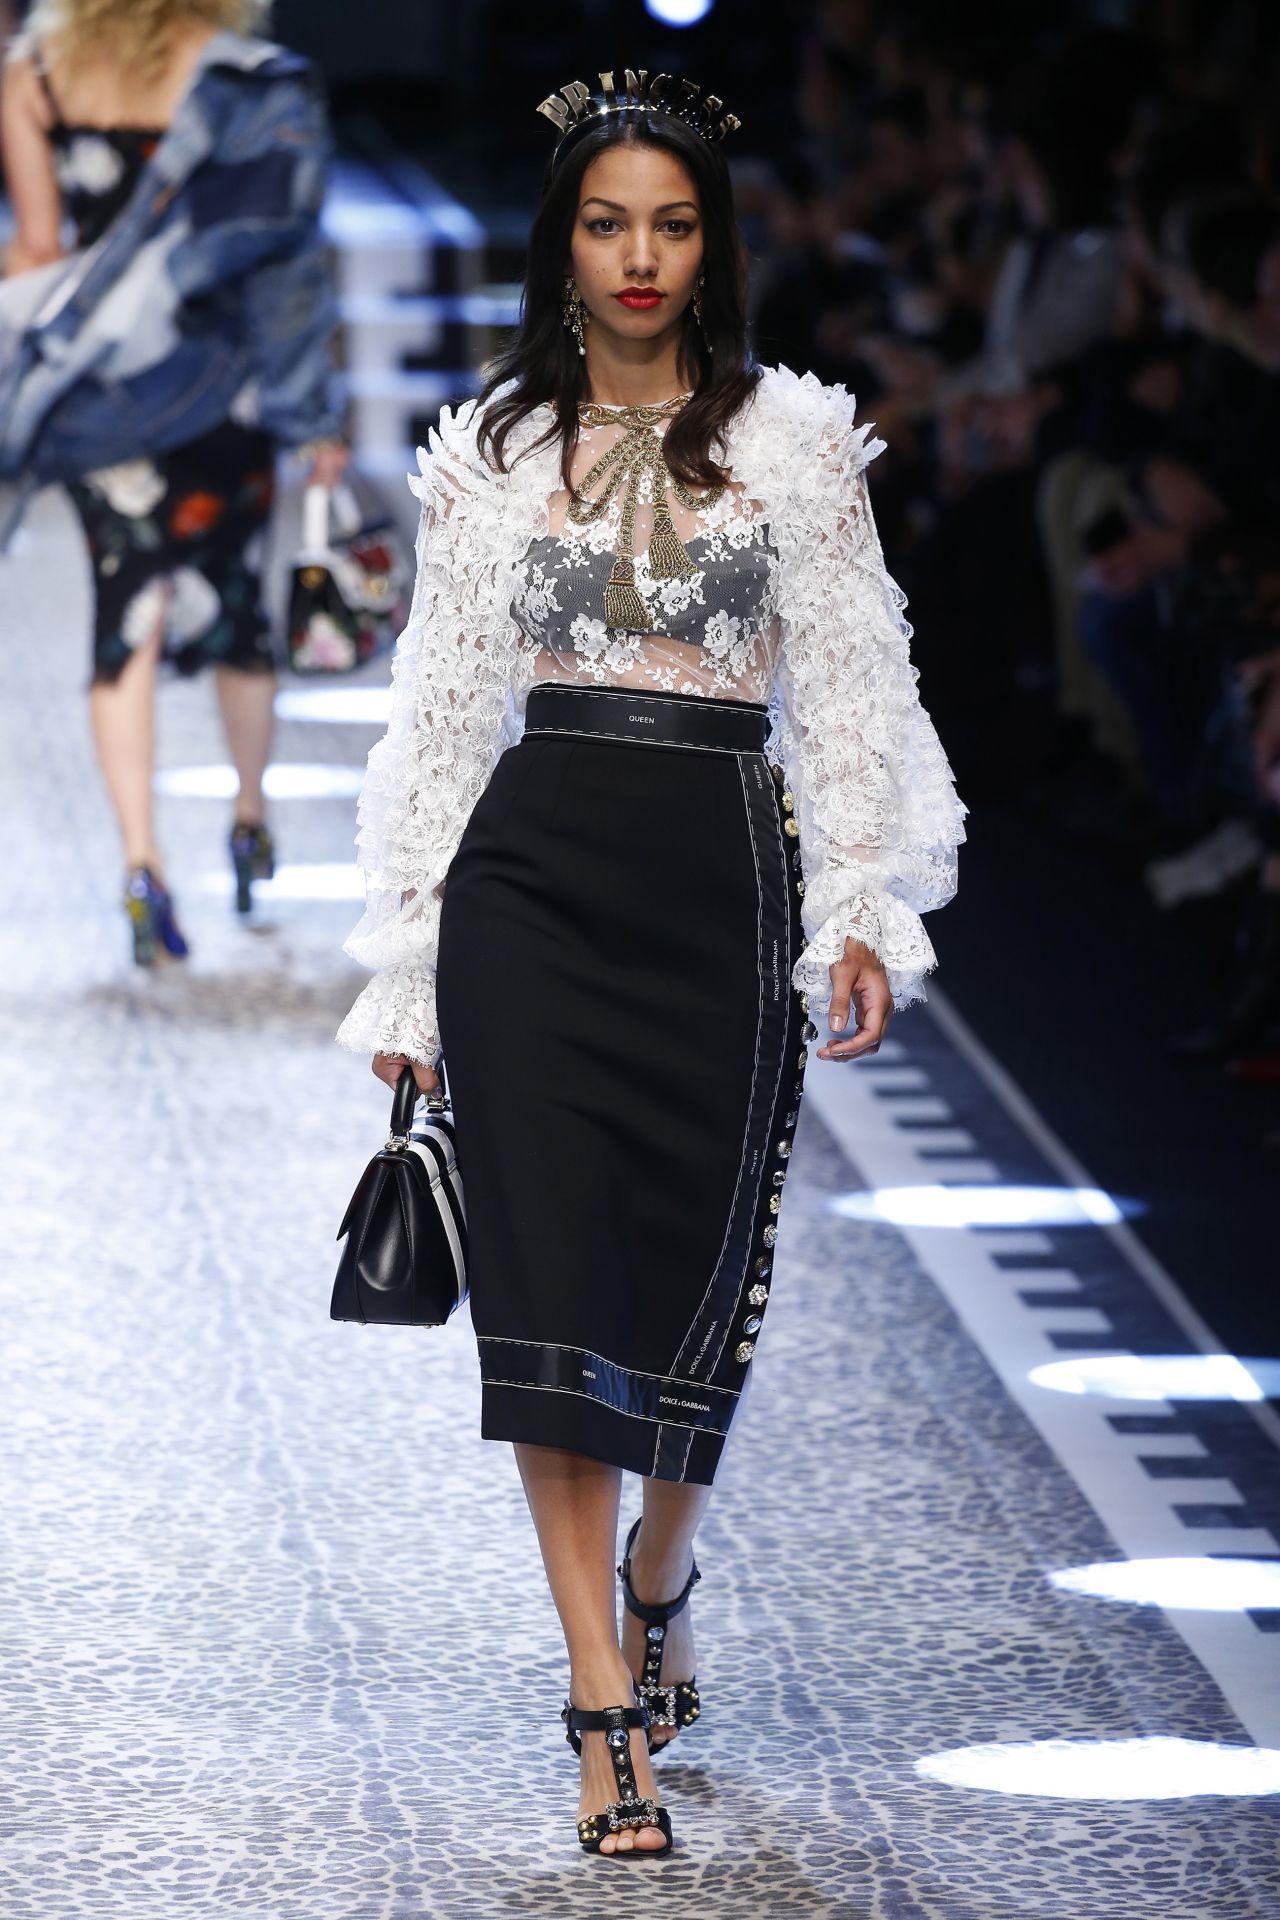 Corinne Foxx Dolce Gabbana Mfw Womens Runway In Milan